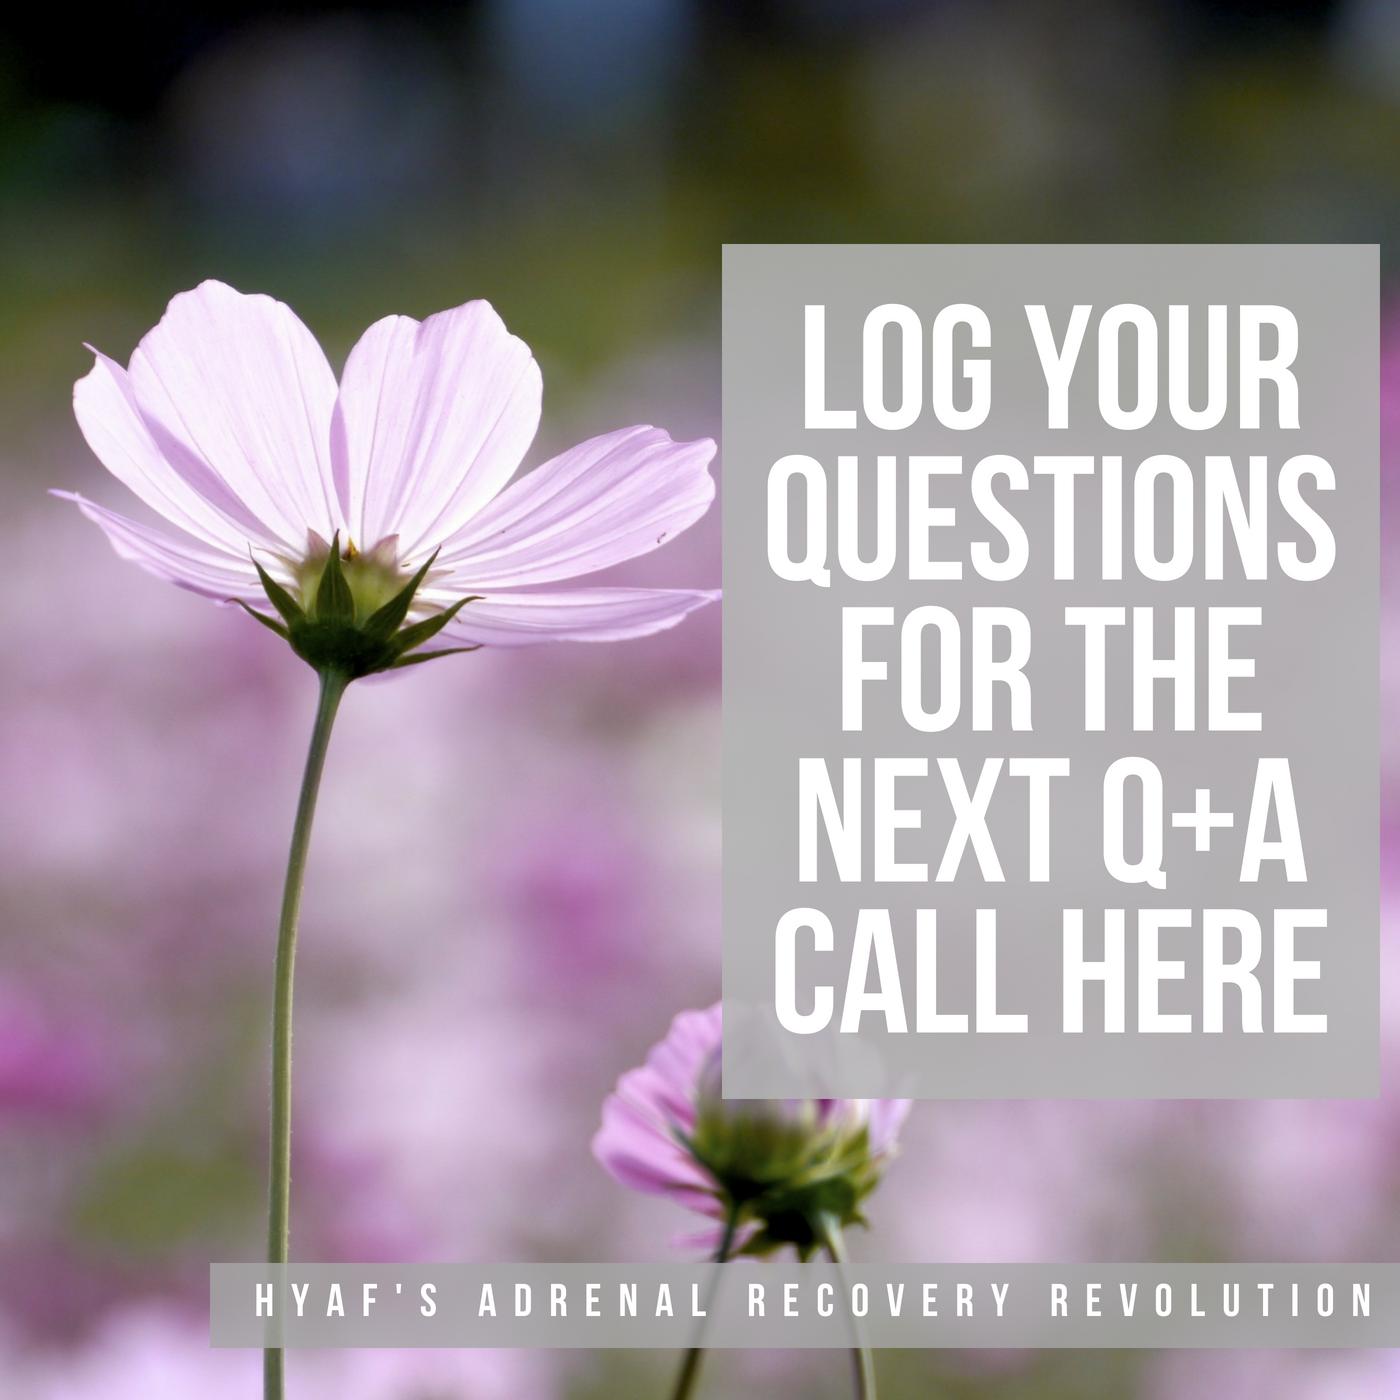 Questions Log